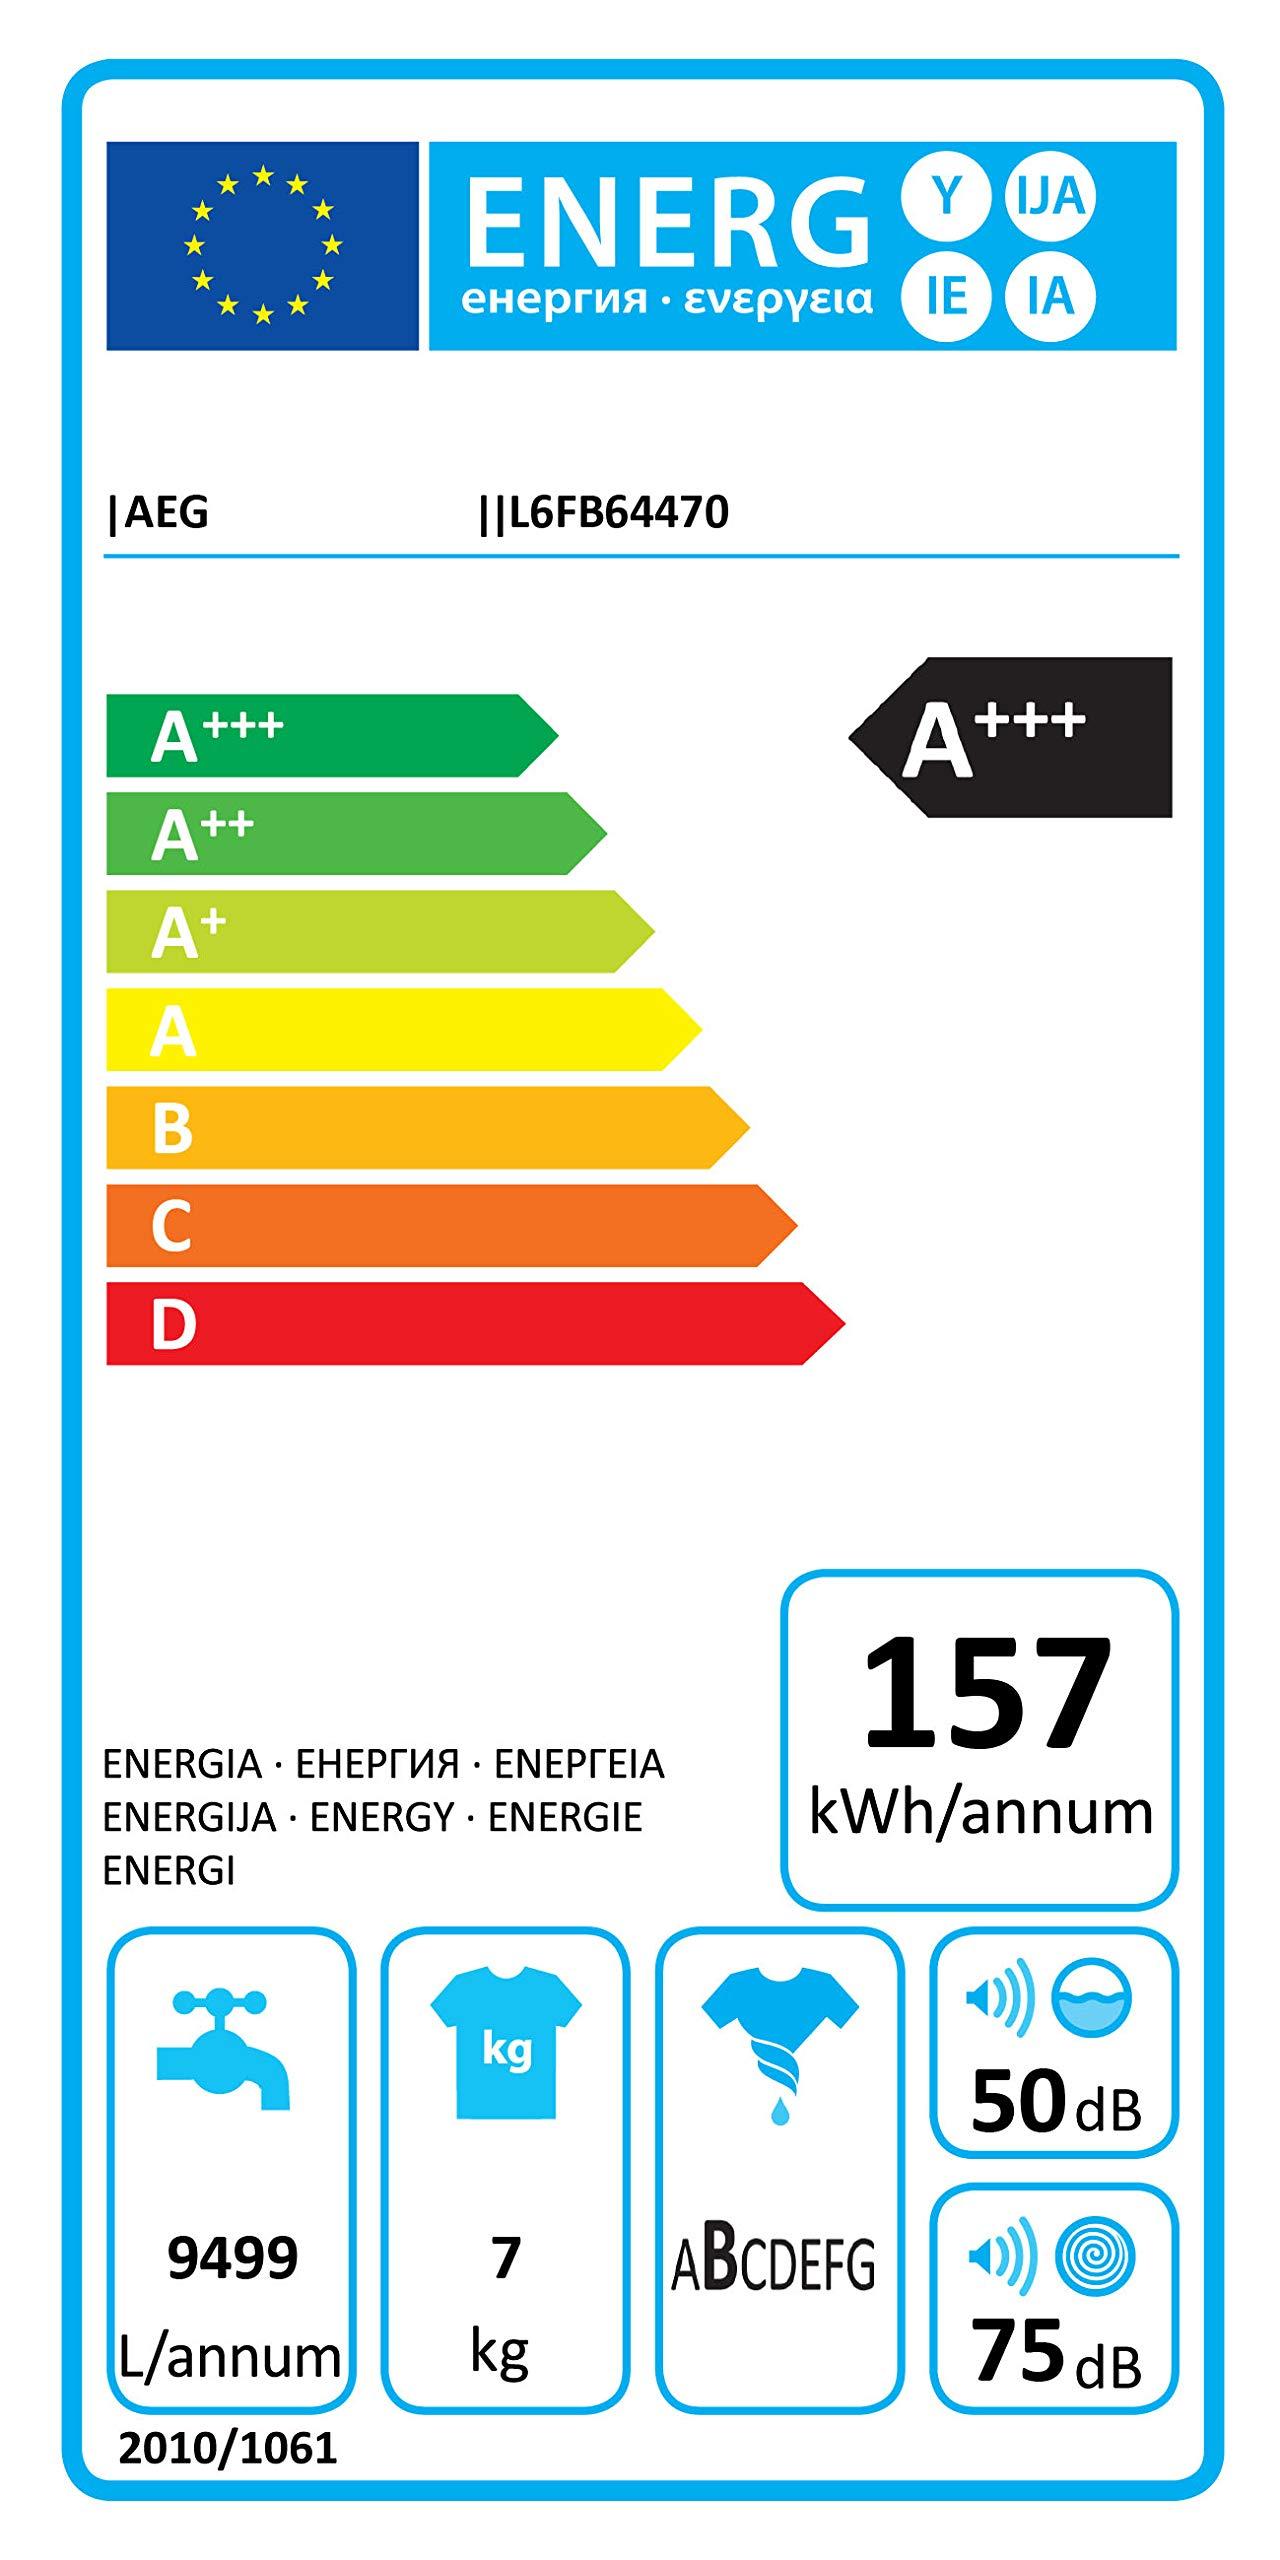 AEG-L6FB64470-Waschmaschine-Frontlader-1570-kWhJahr-Wei-Waschautomat-mit-Mengenautomatik-Schutz-fr-edle-Textilien-dank-ProTex-Schontrommel-7-kg-leiser-und-robuster-ko-Inverter-Motor